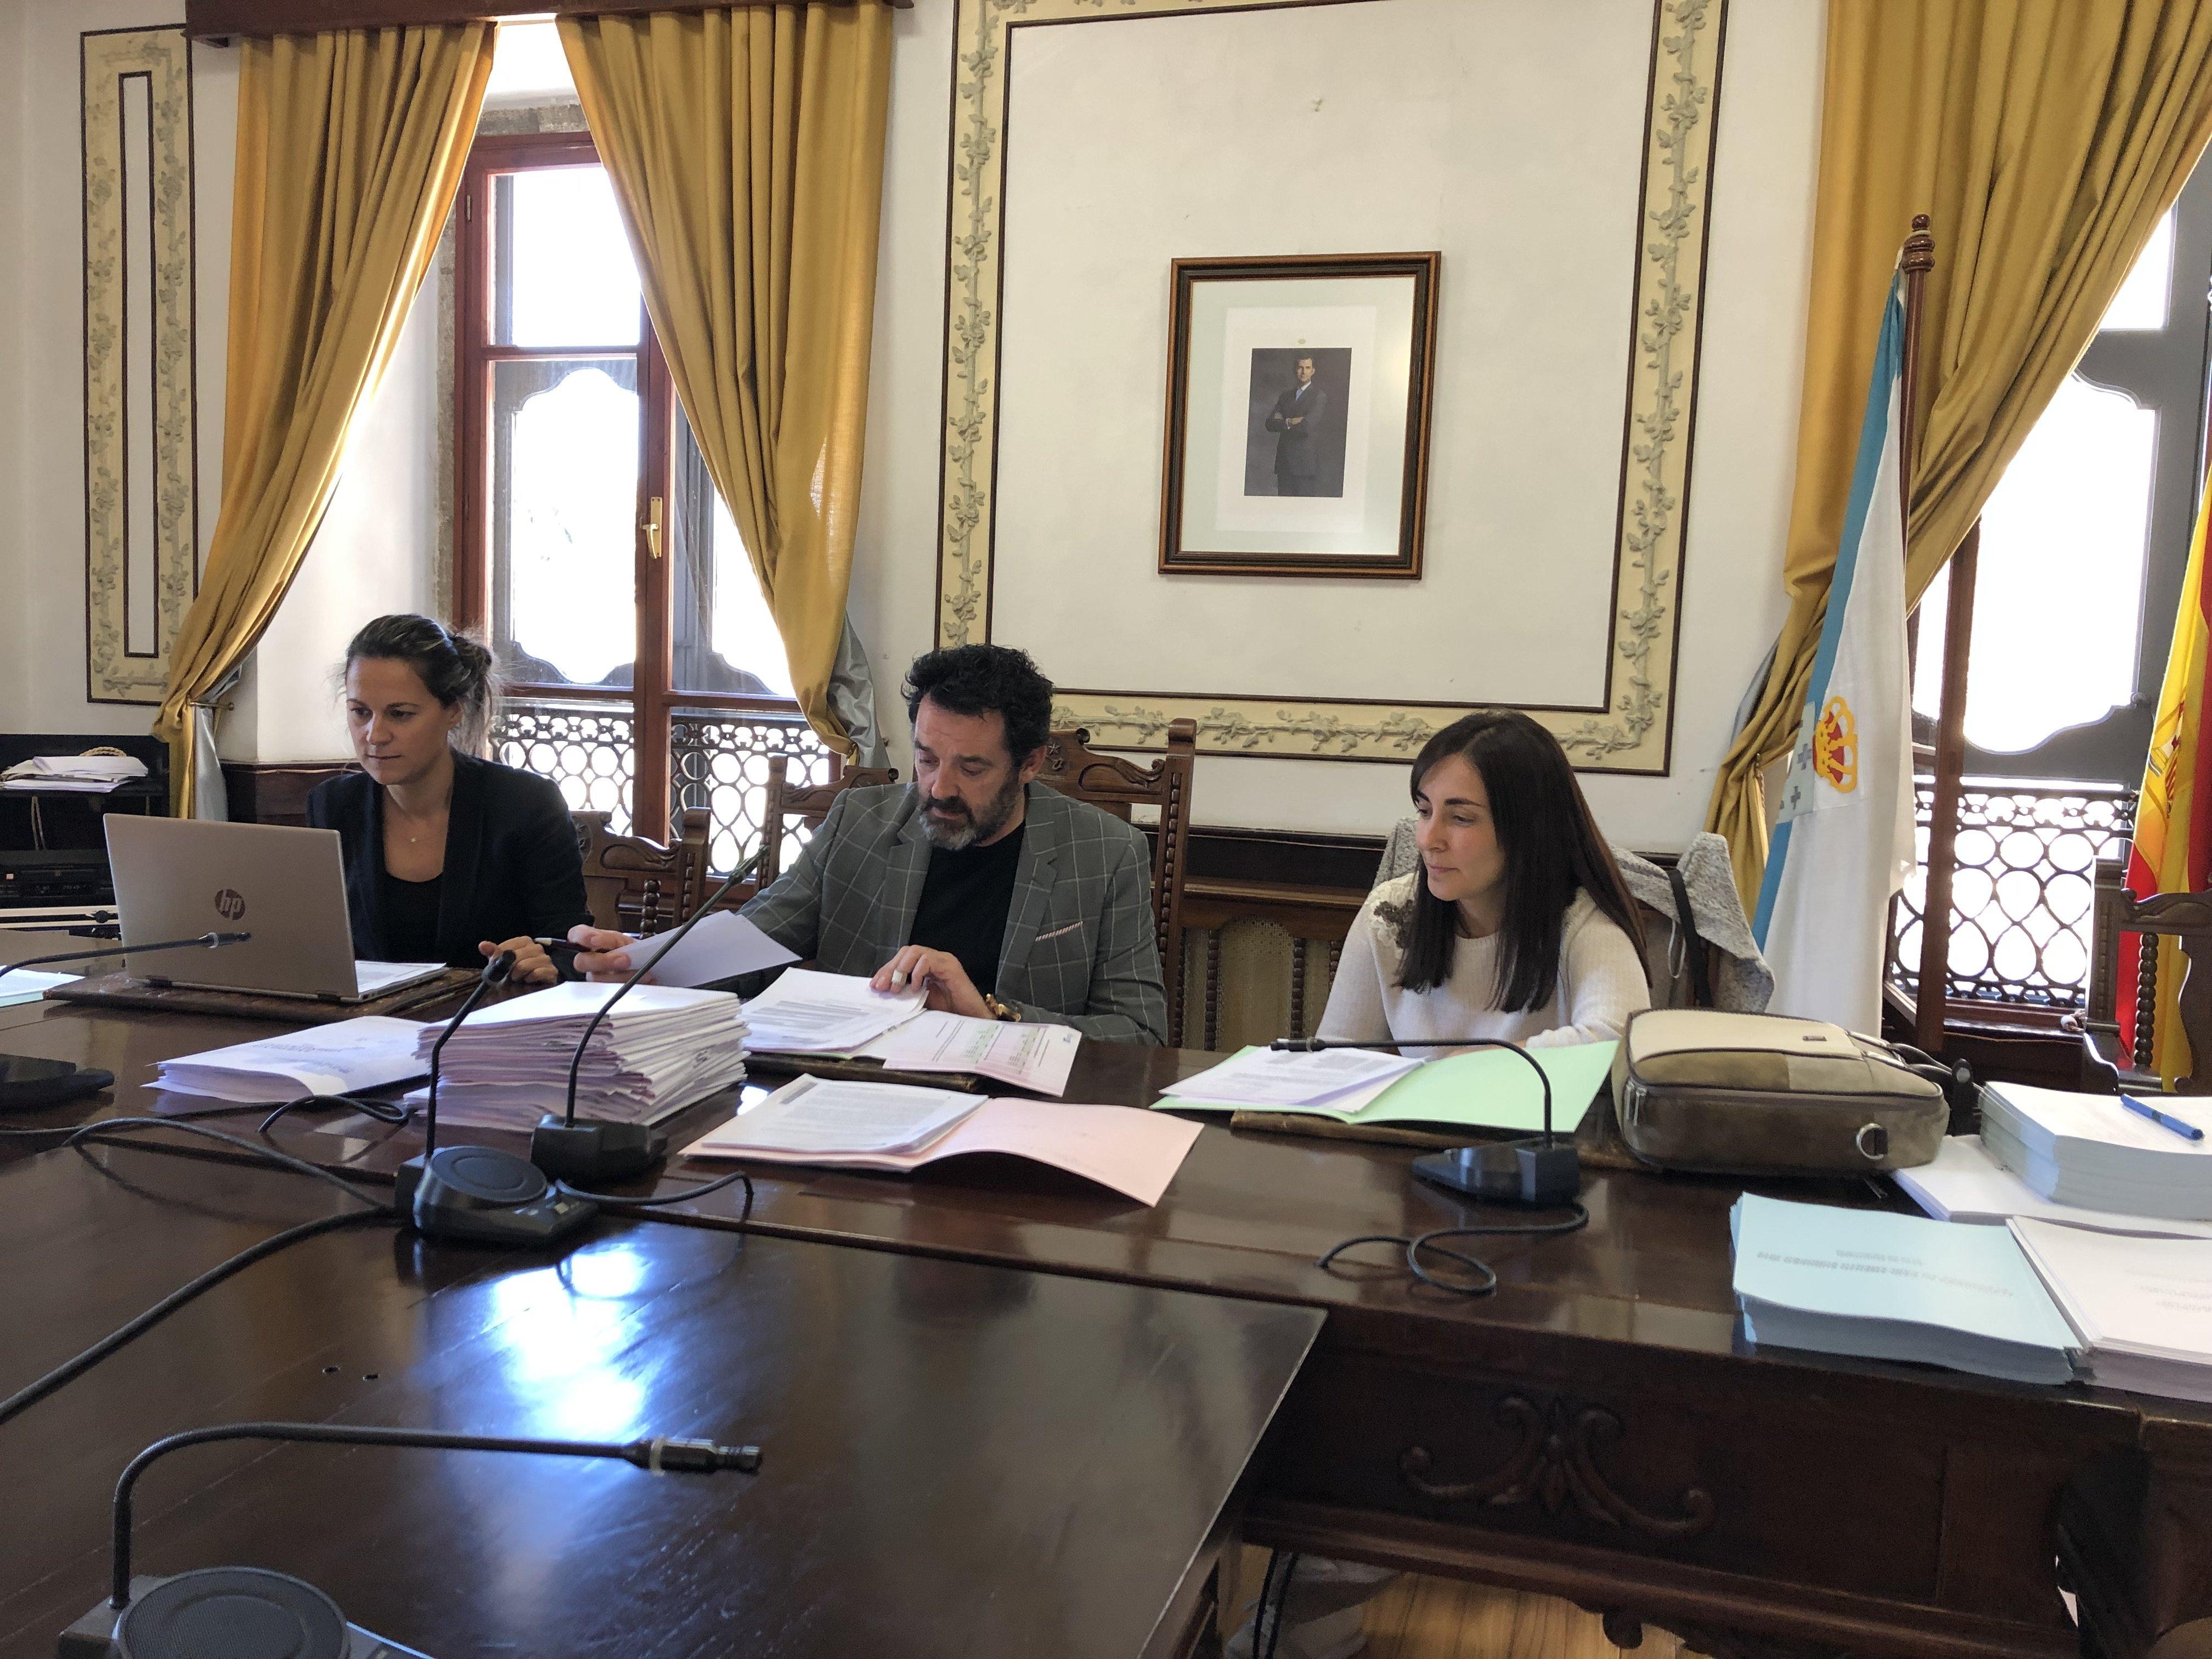 En junio llegarán l@s primer@s usuarios/as de la Residencia de Mayores de Ribadeo